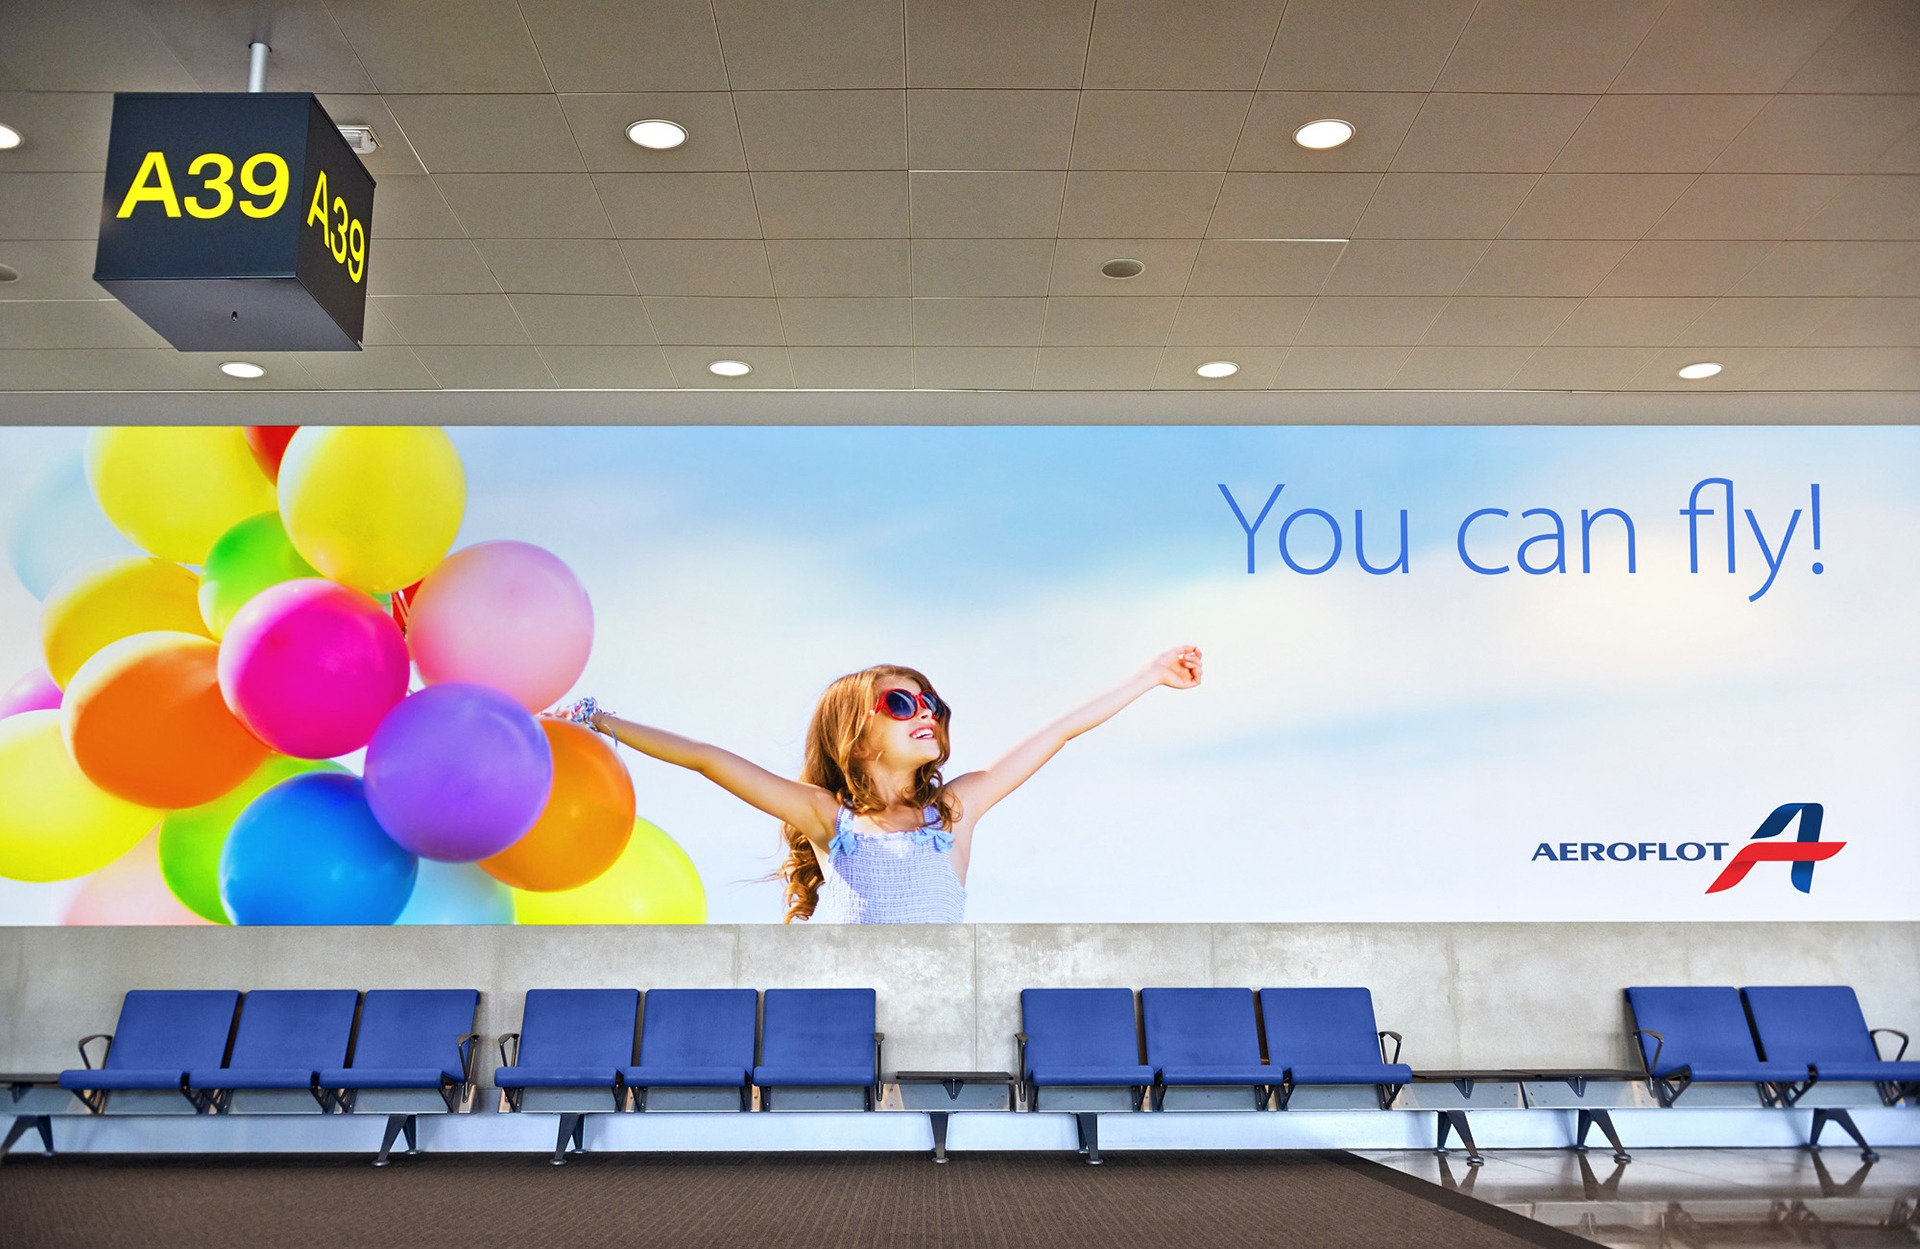 Постер Аэрофлот, рекламная кампания, Aeroflot identity,, re-branding, ребрендинг авиакомпании, фирменный стиль авиакомпании, Asgard Branding, лого Аэрофлот